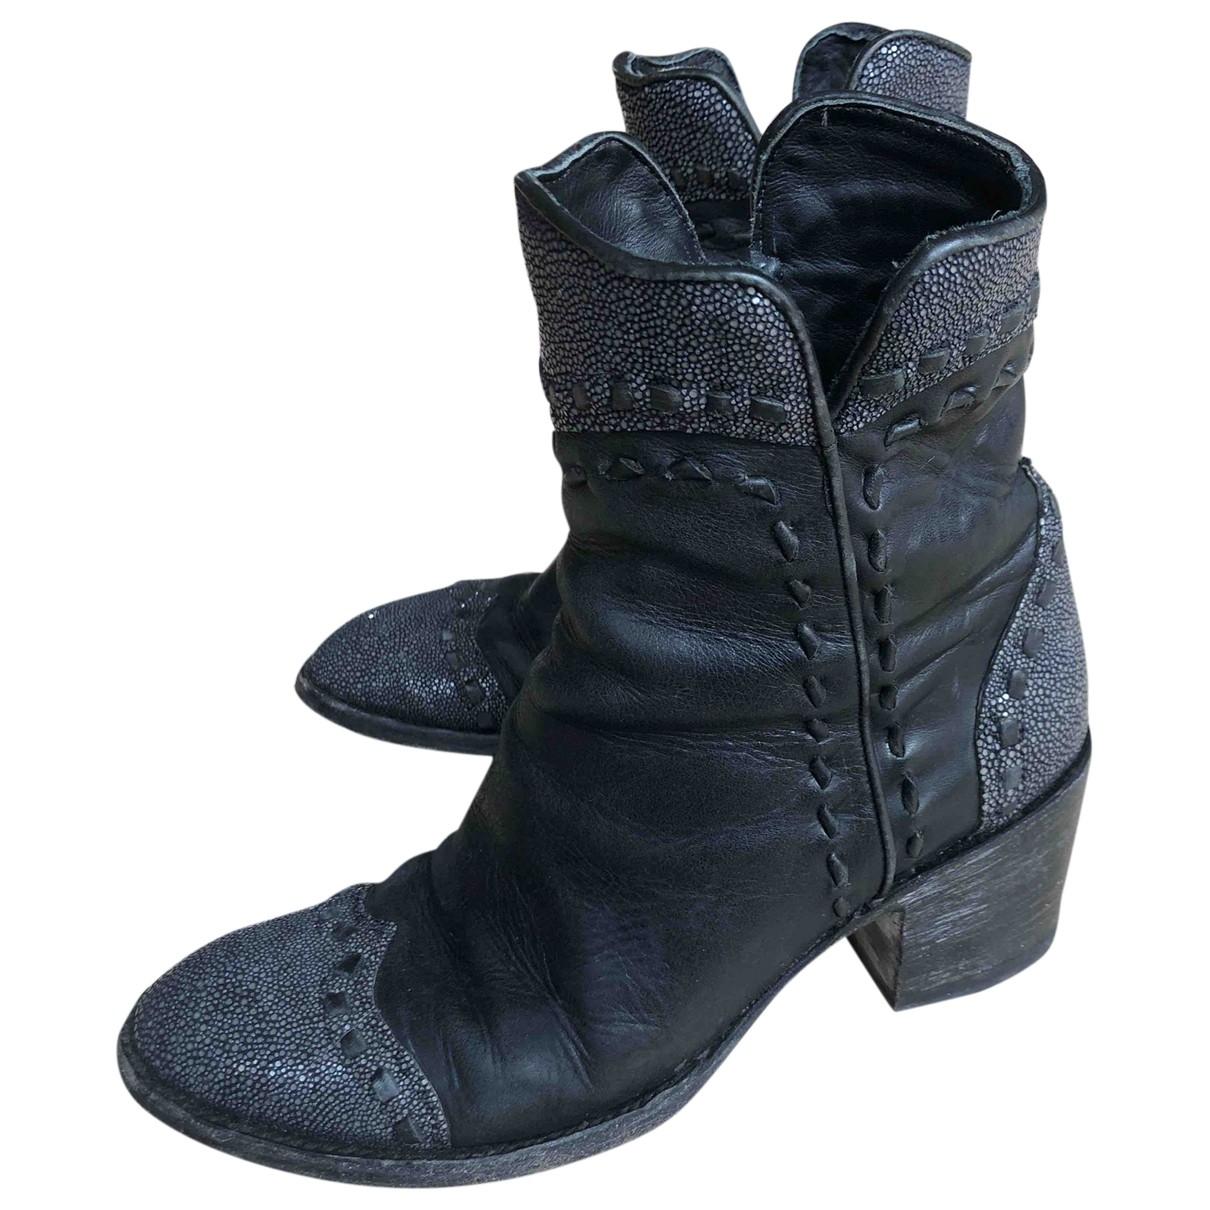 Mexicana - Boots   pour femme en galuchat - noir